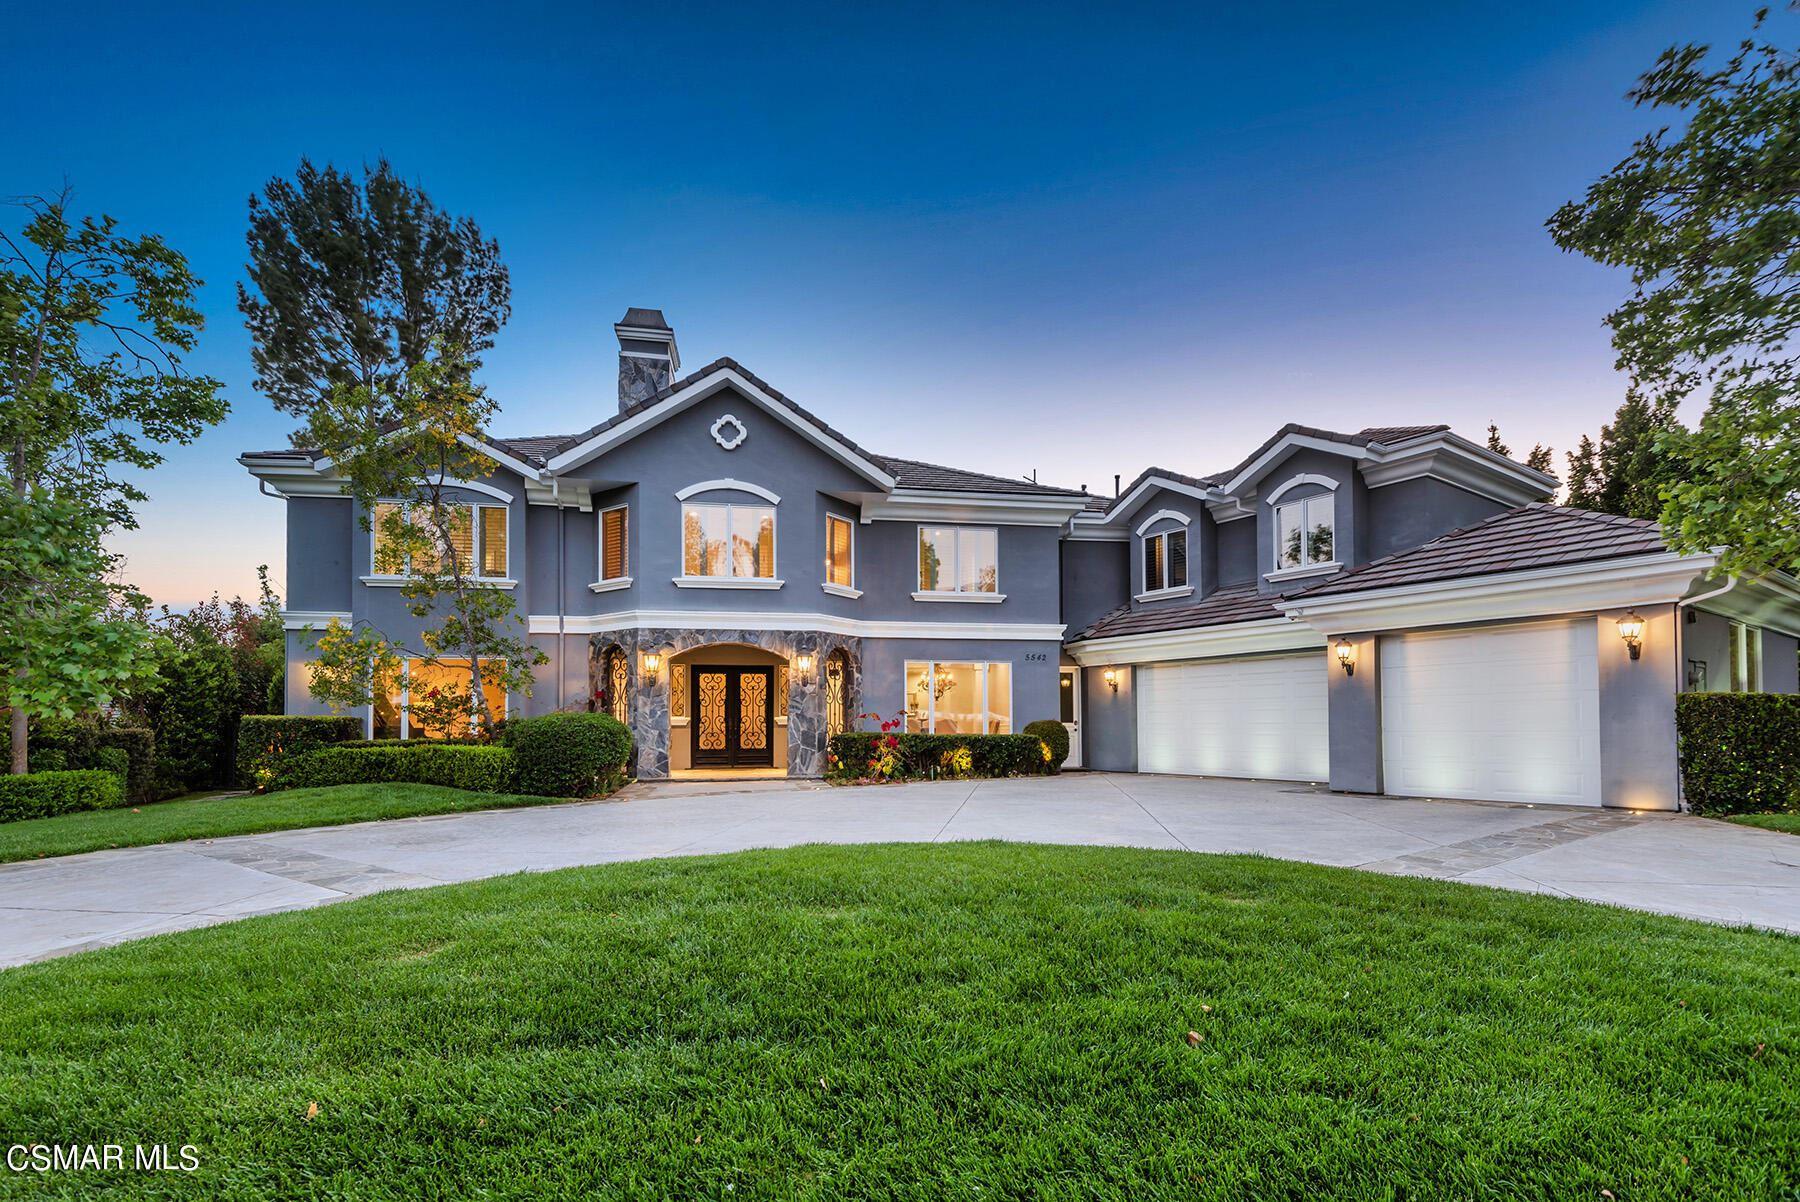 5542 Little Fawn Court, Westlake Village, CA 91362 - MLS#: 221002339